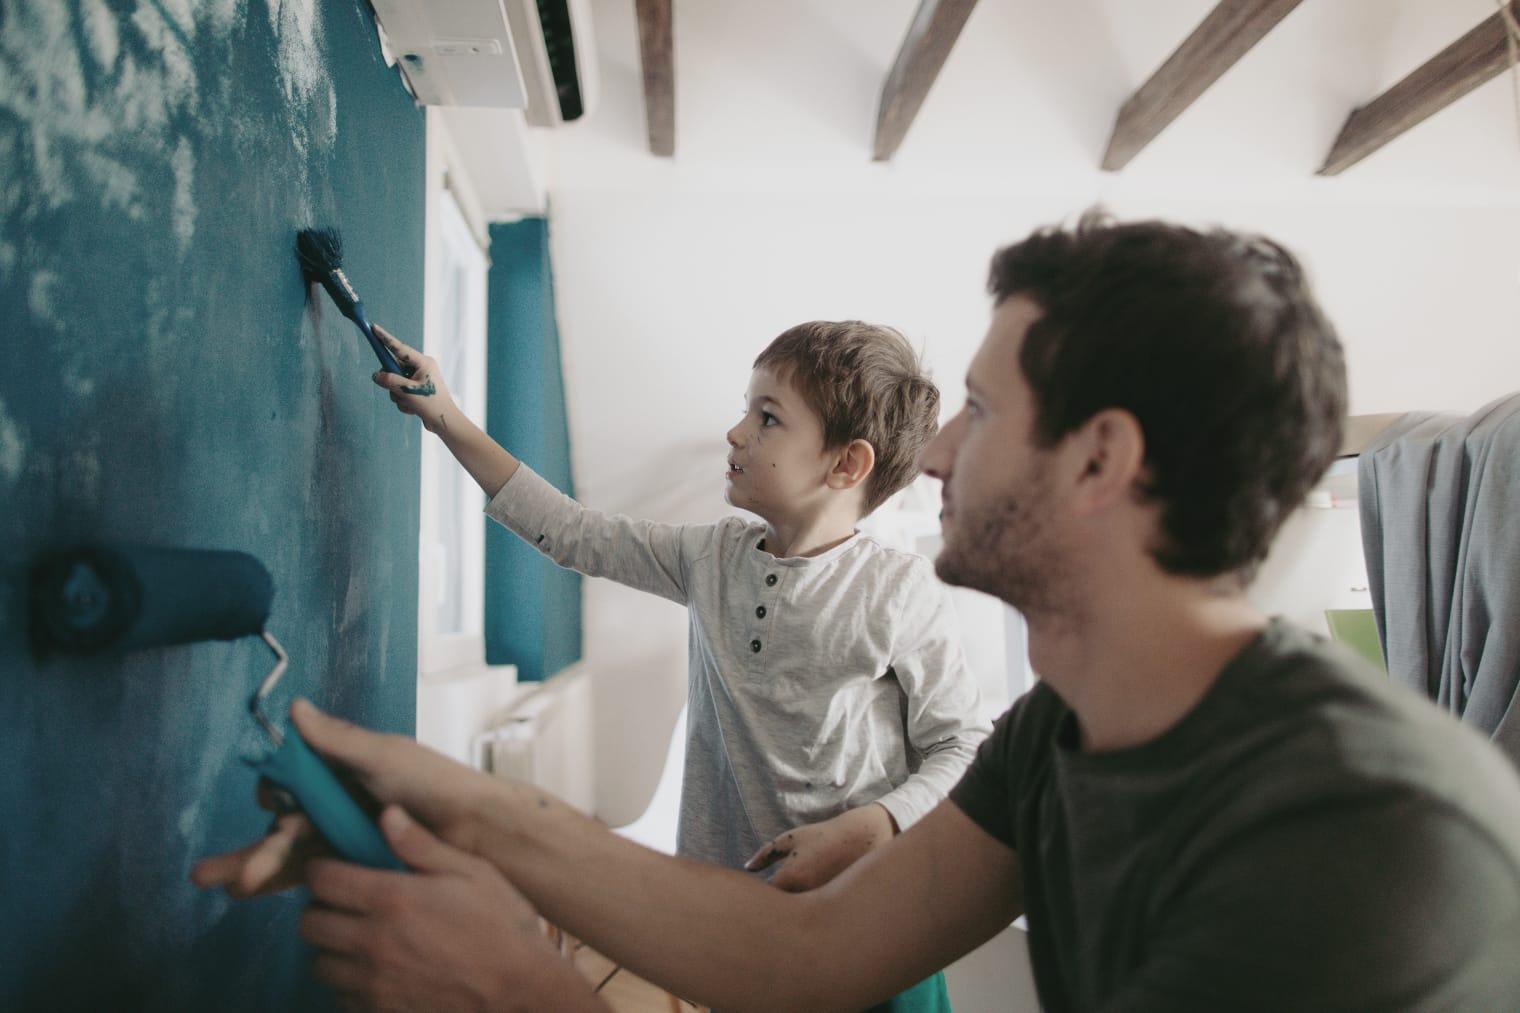 Un père peint les murs avec son fils.